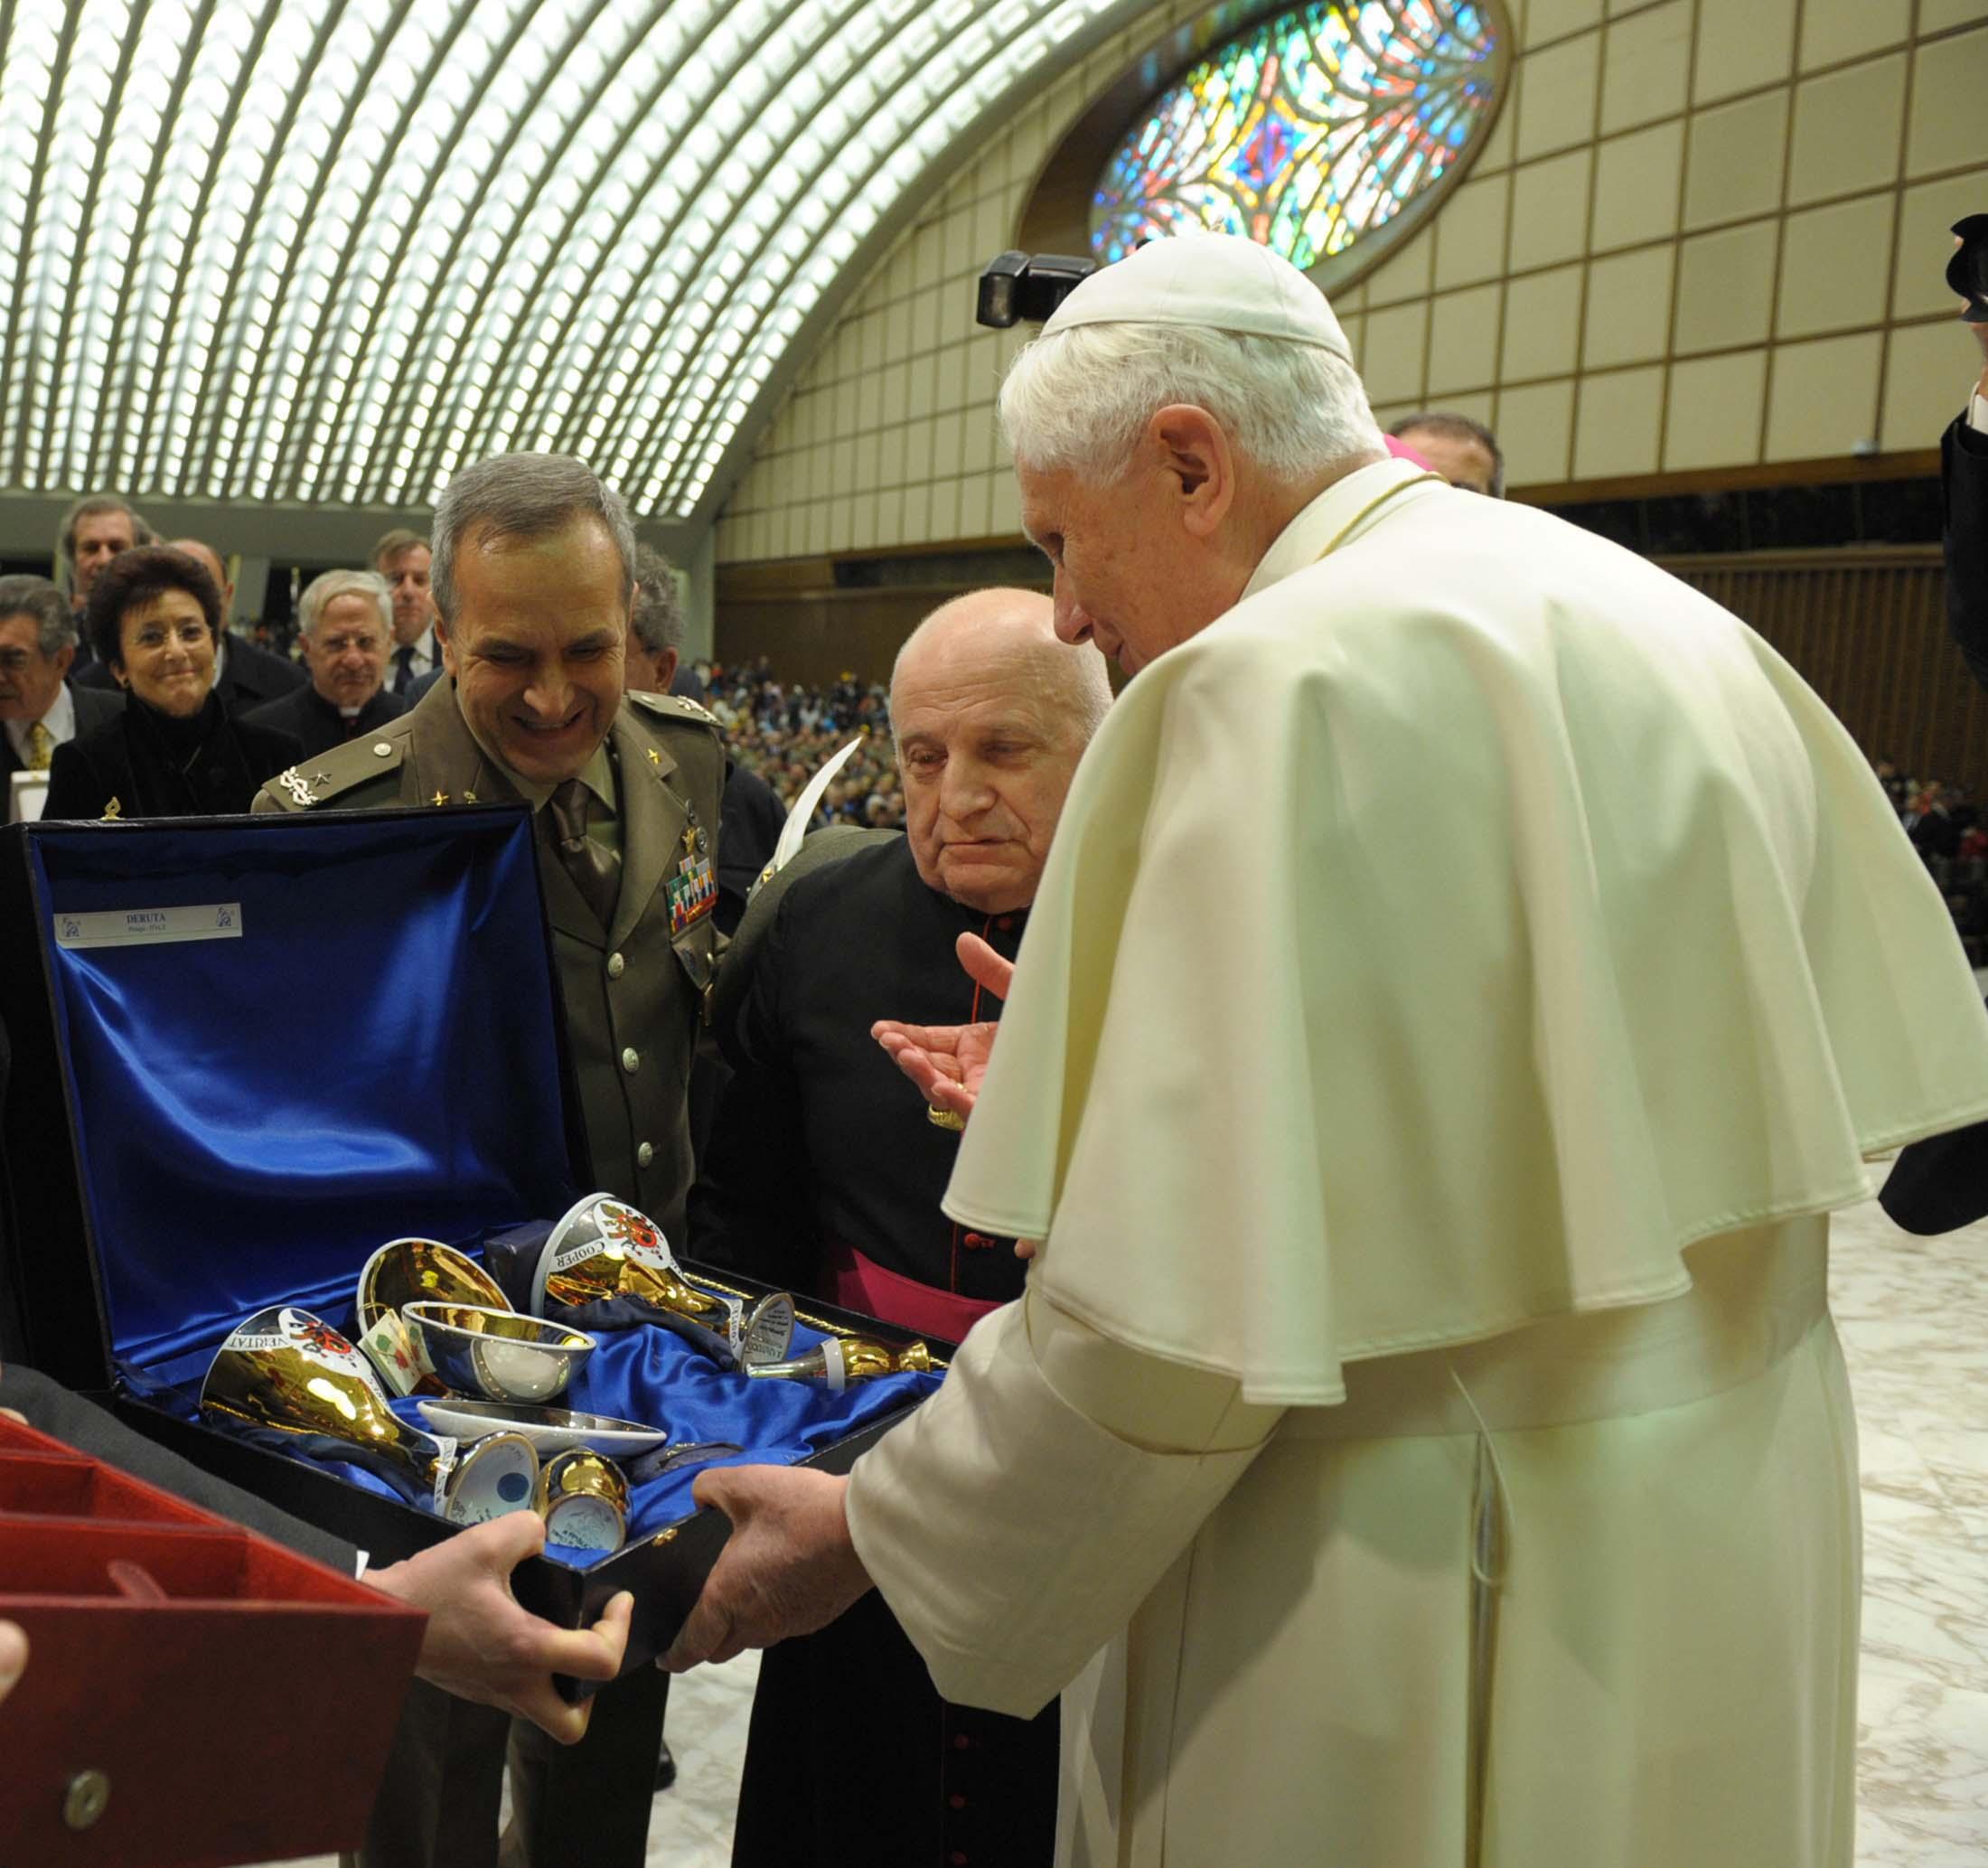 Sambuco Arte Sacra Deruta Vasi sacri SS Papa Benedetto XVI